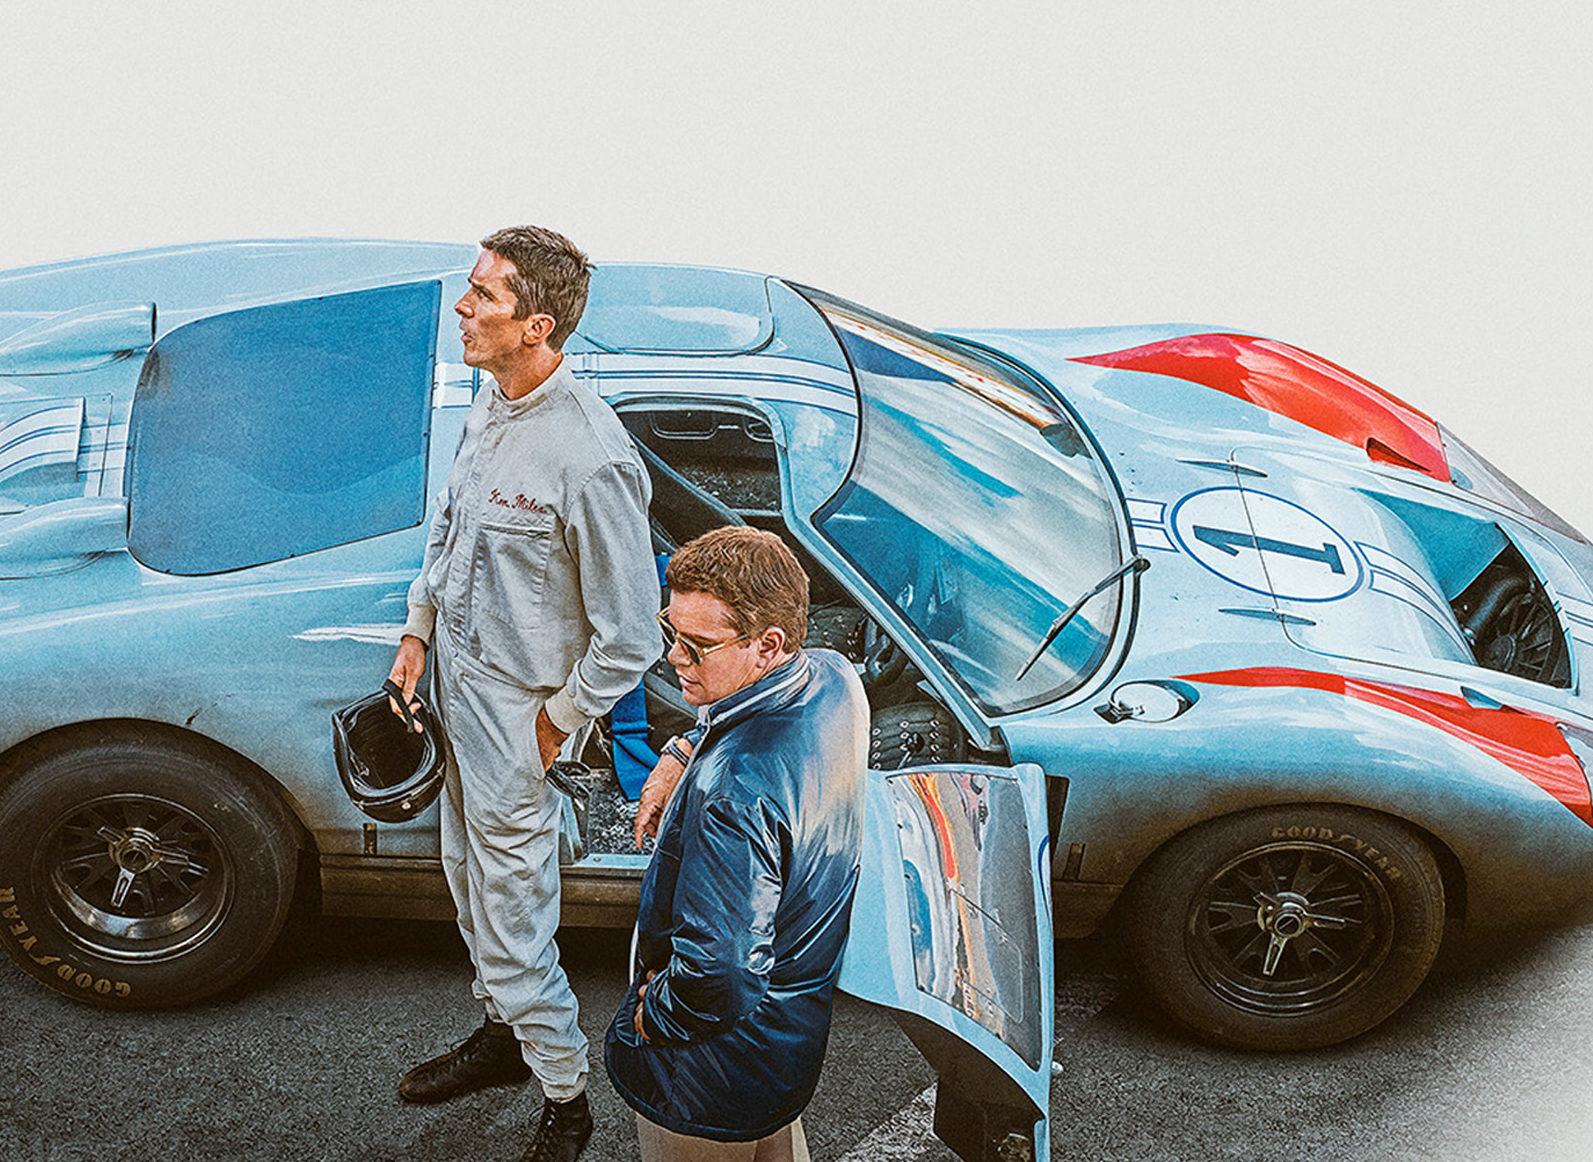 Le Mans '66 | Ford v Ferrari | Matt Damon and Christian Bale